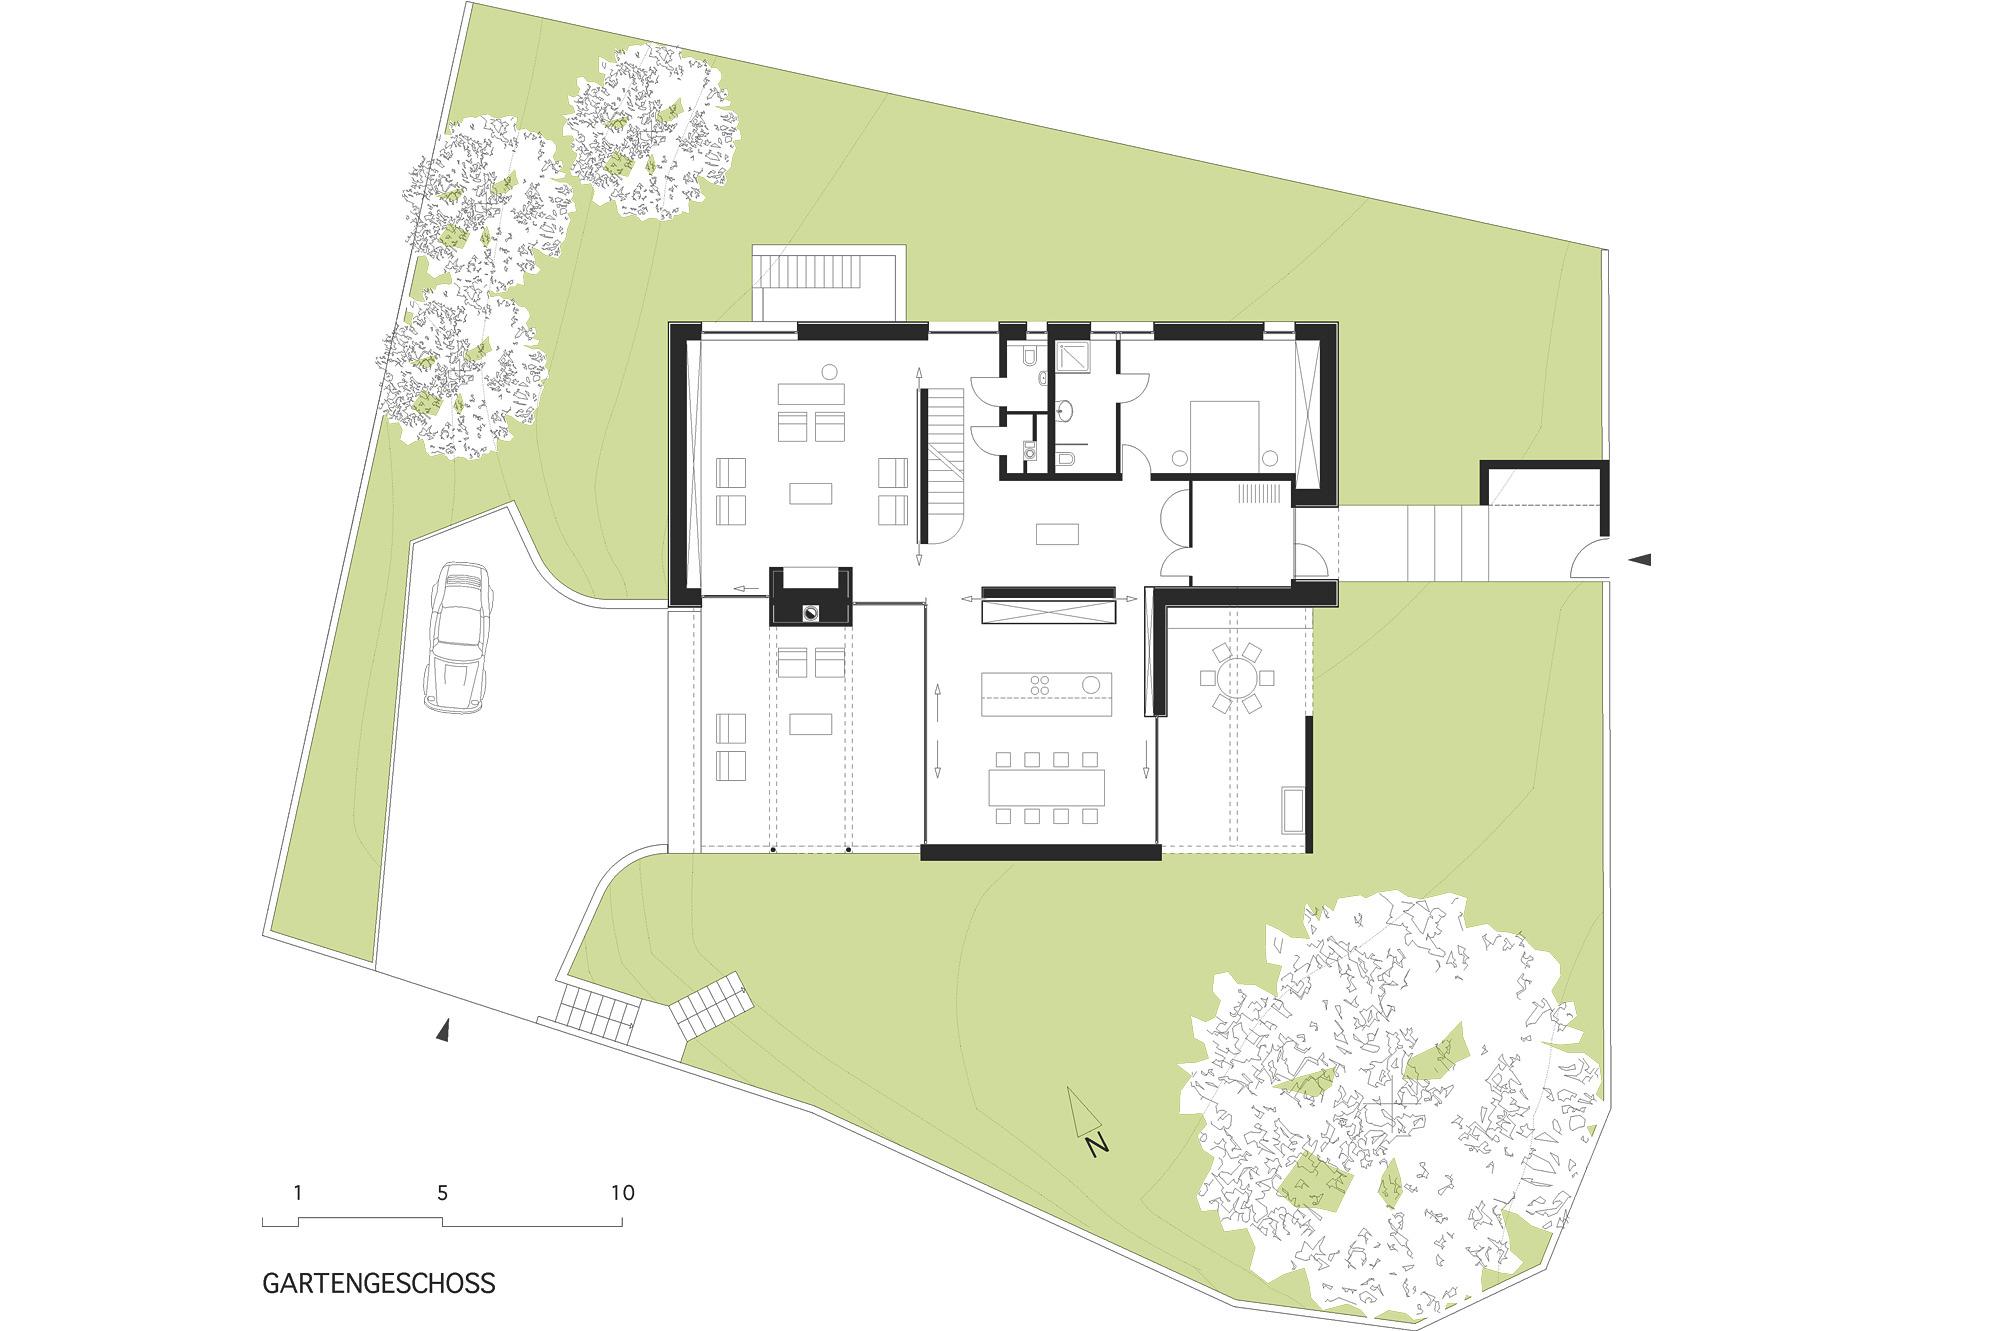 haus_rw_14_niedrigenergie_villa_in_klosterneuburg_niederoesterreich_junger_beer_architektur